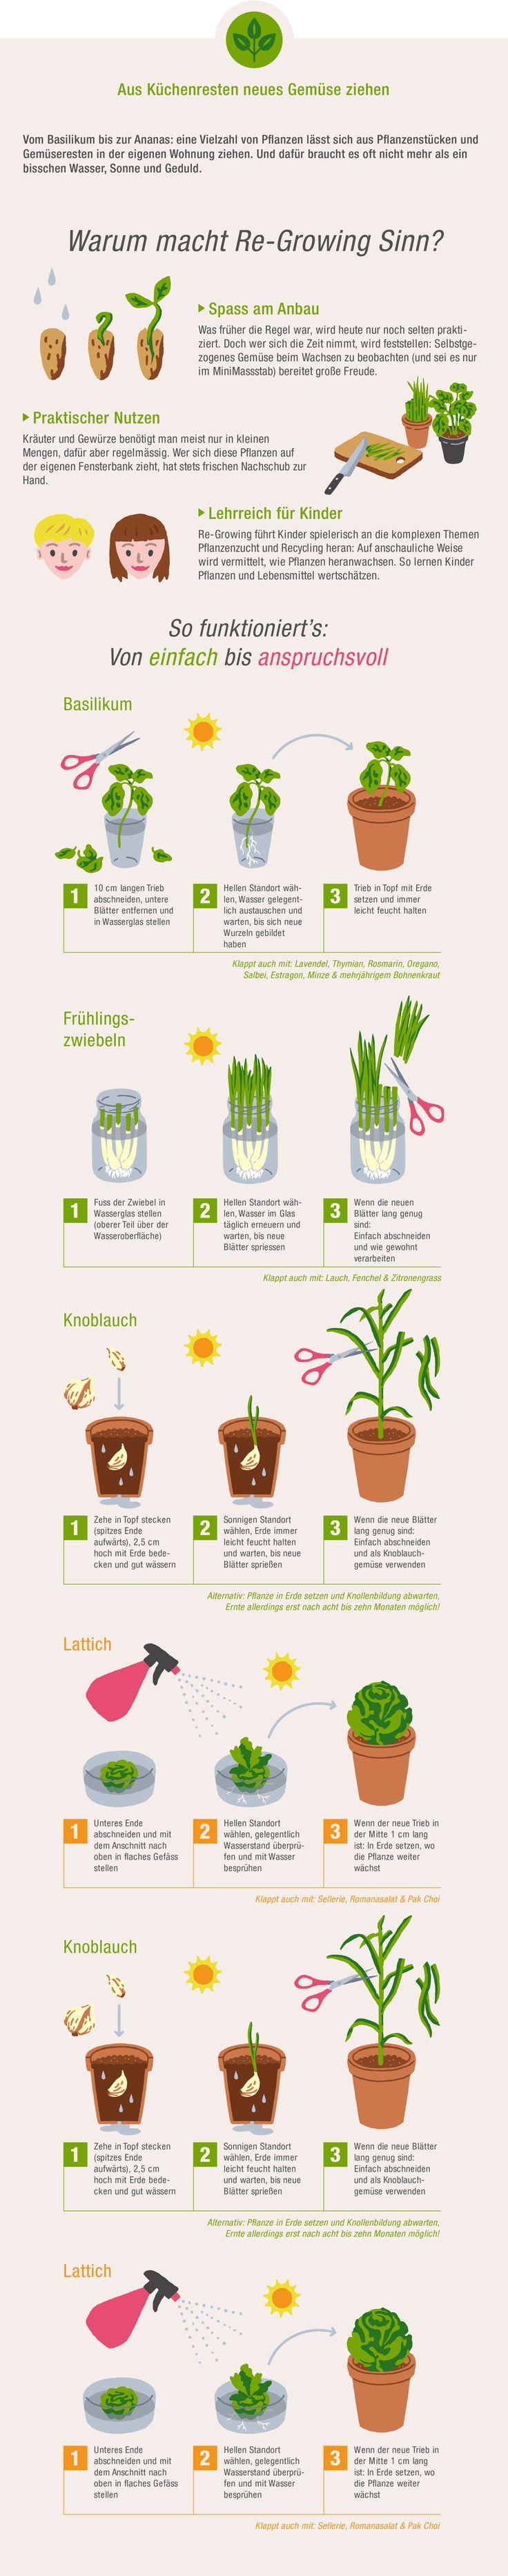 Infografik aus Küchenresten neue Pflanzen ziehen